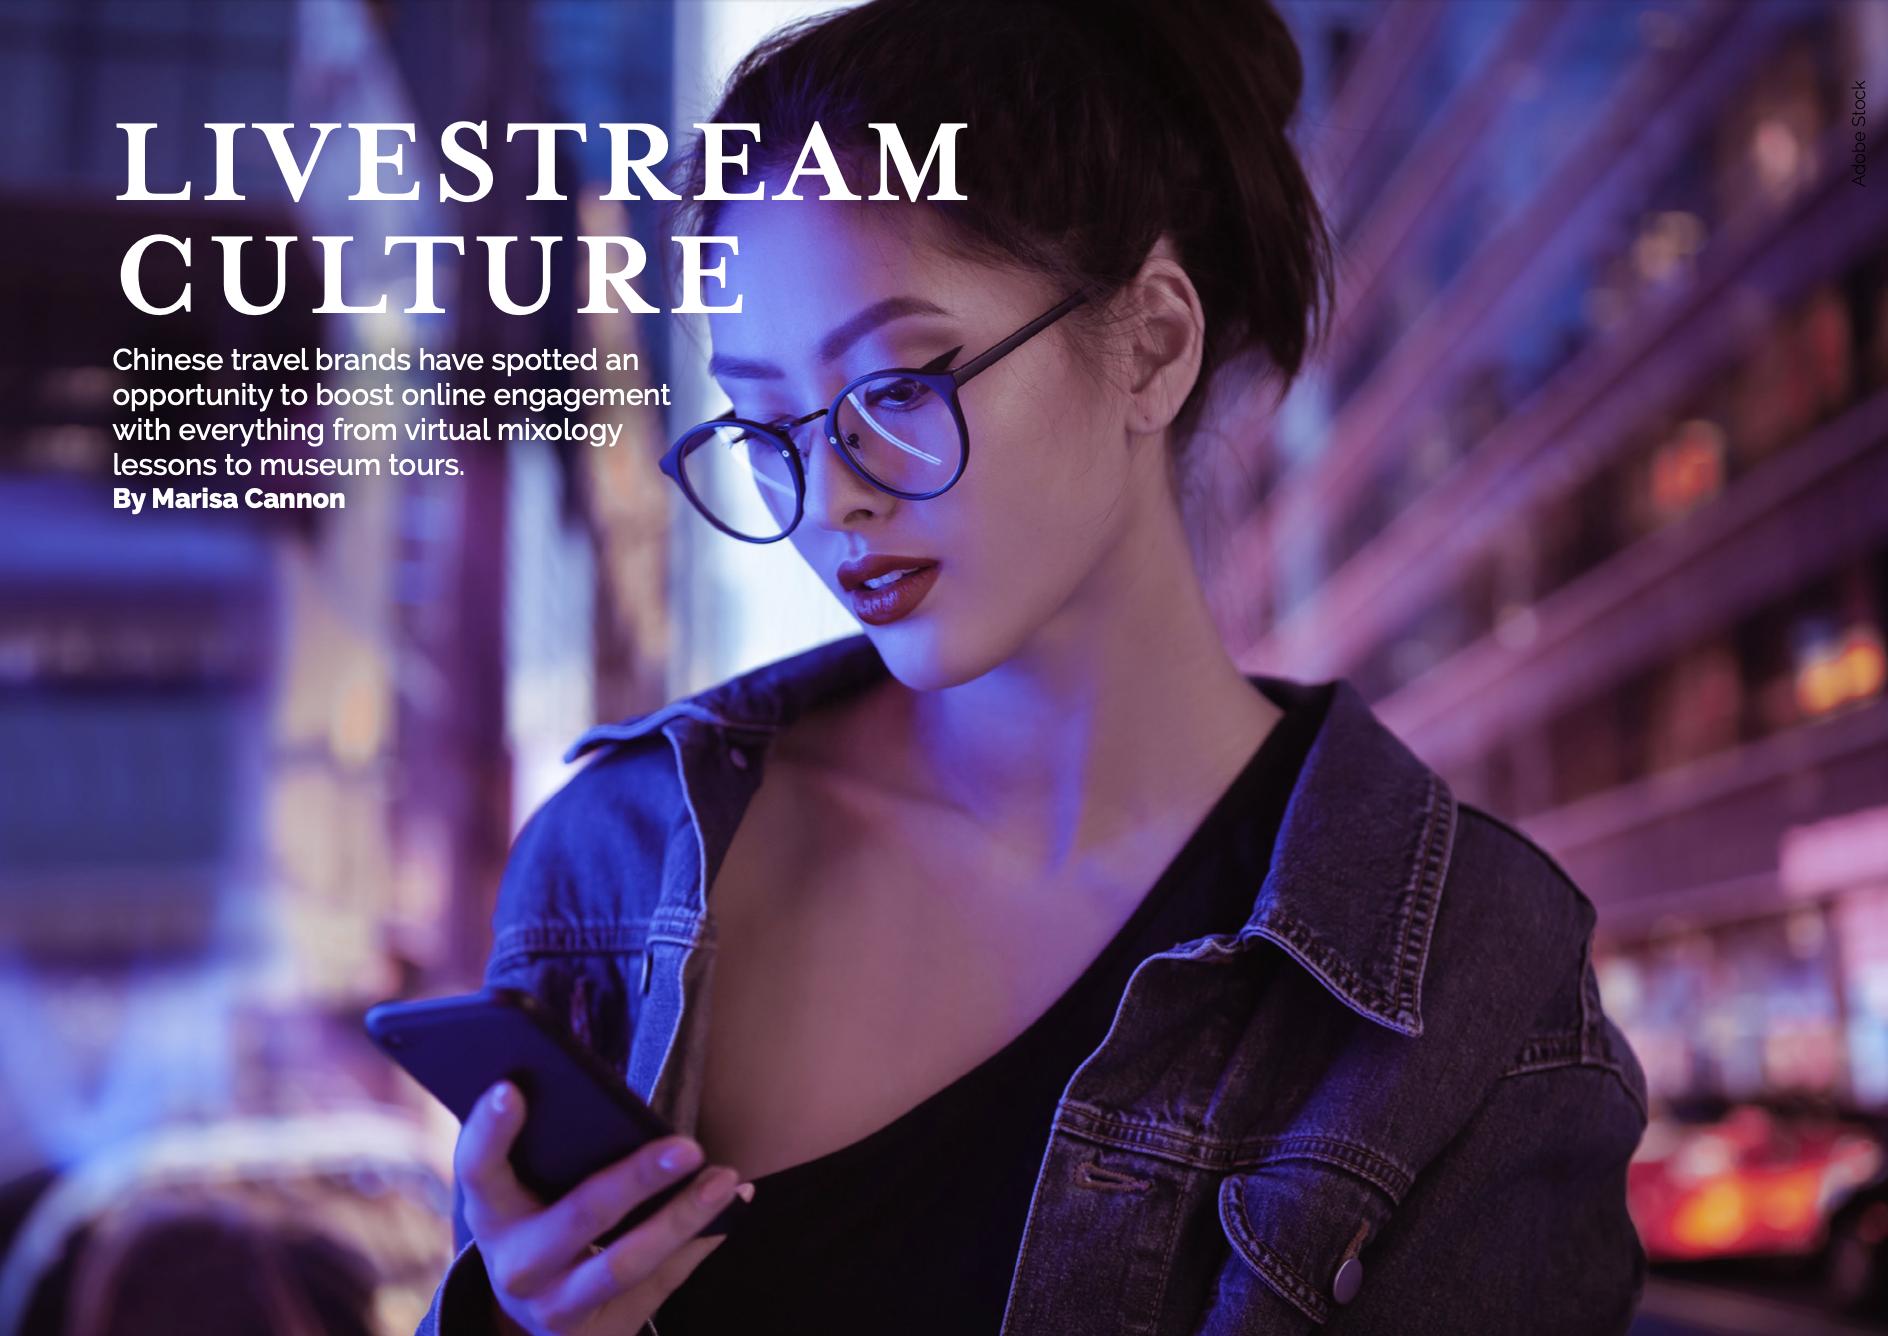 Livestream Culture